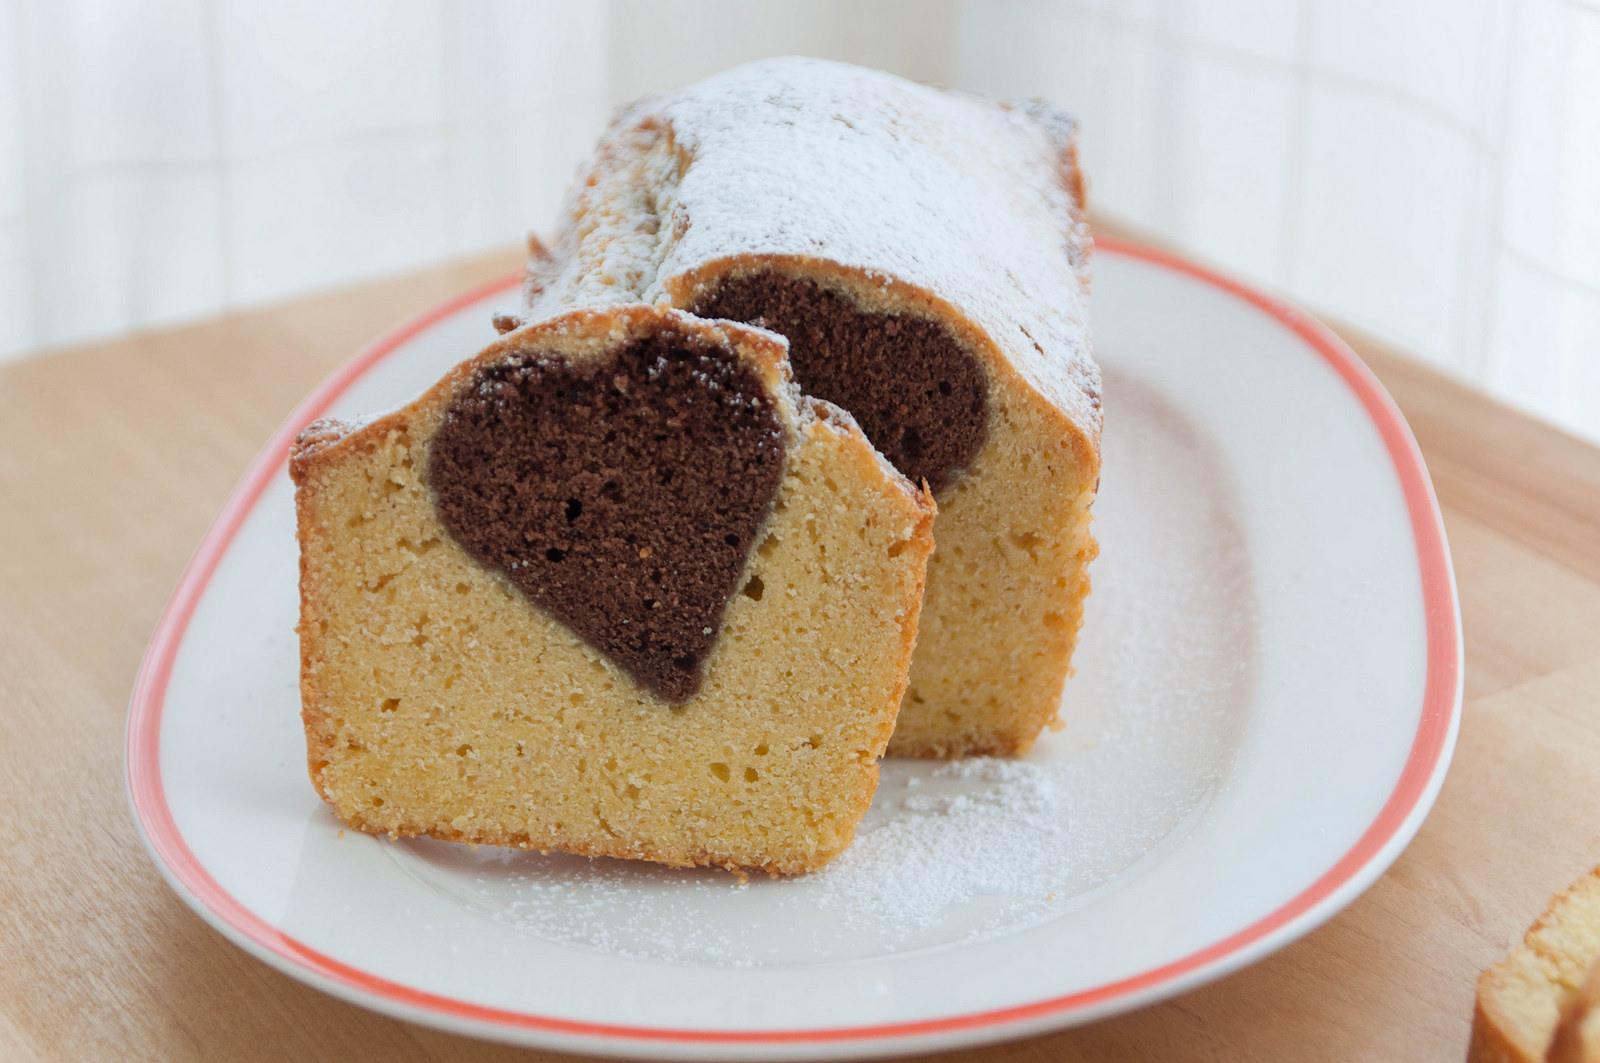 кекс с сердцем внутри рецепт с фото